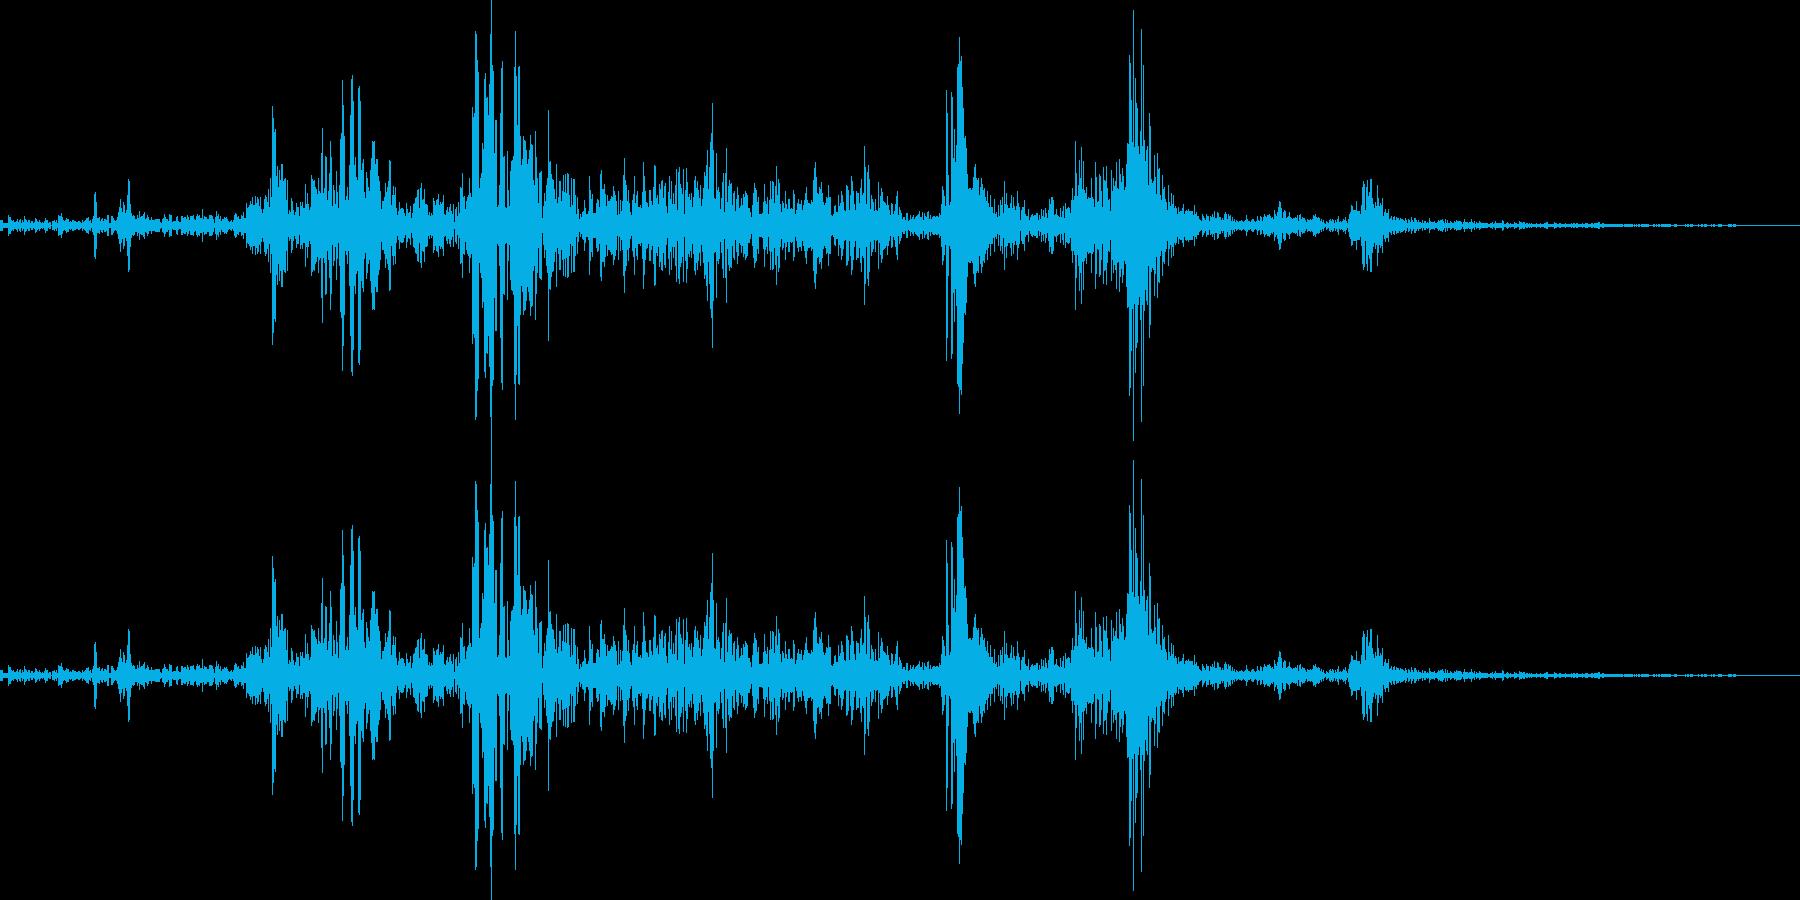 血やぐちょぐちょを踏んだ時の音 の再生済みの波形